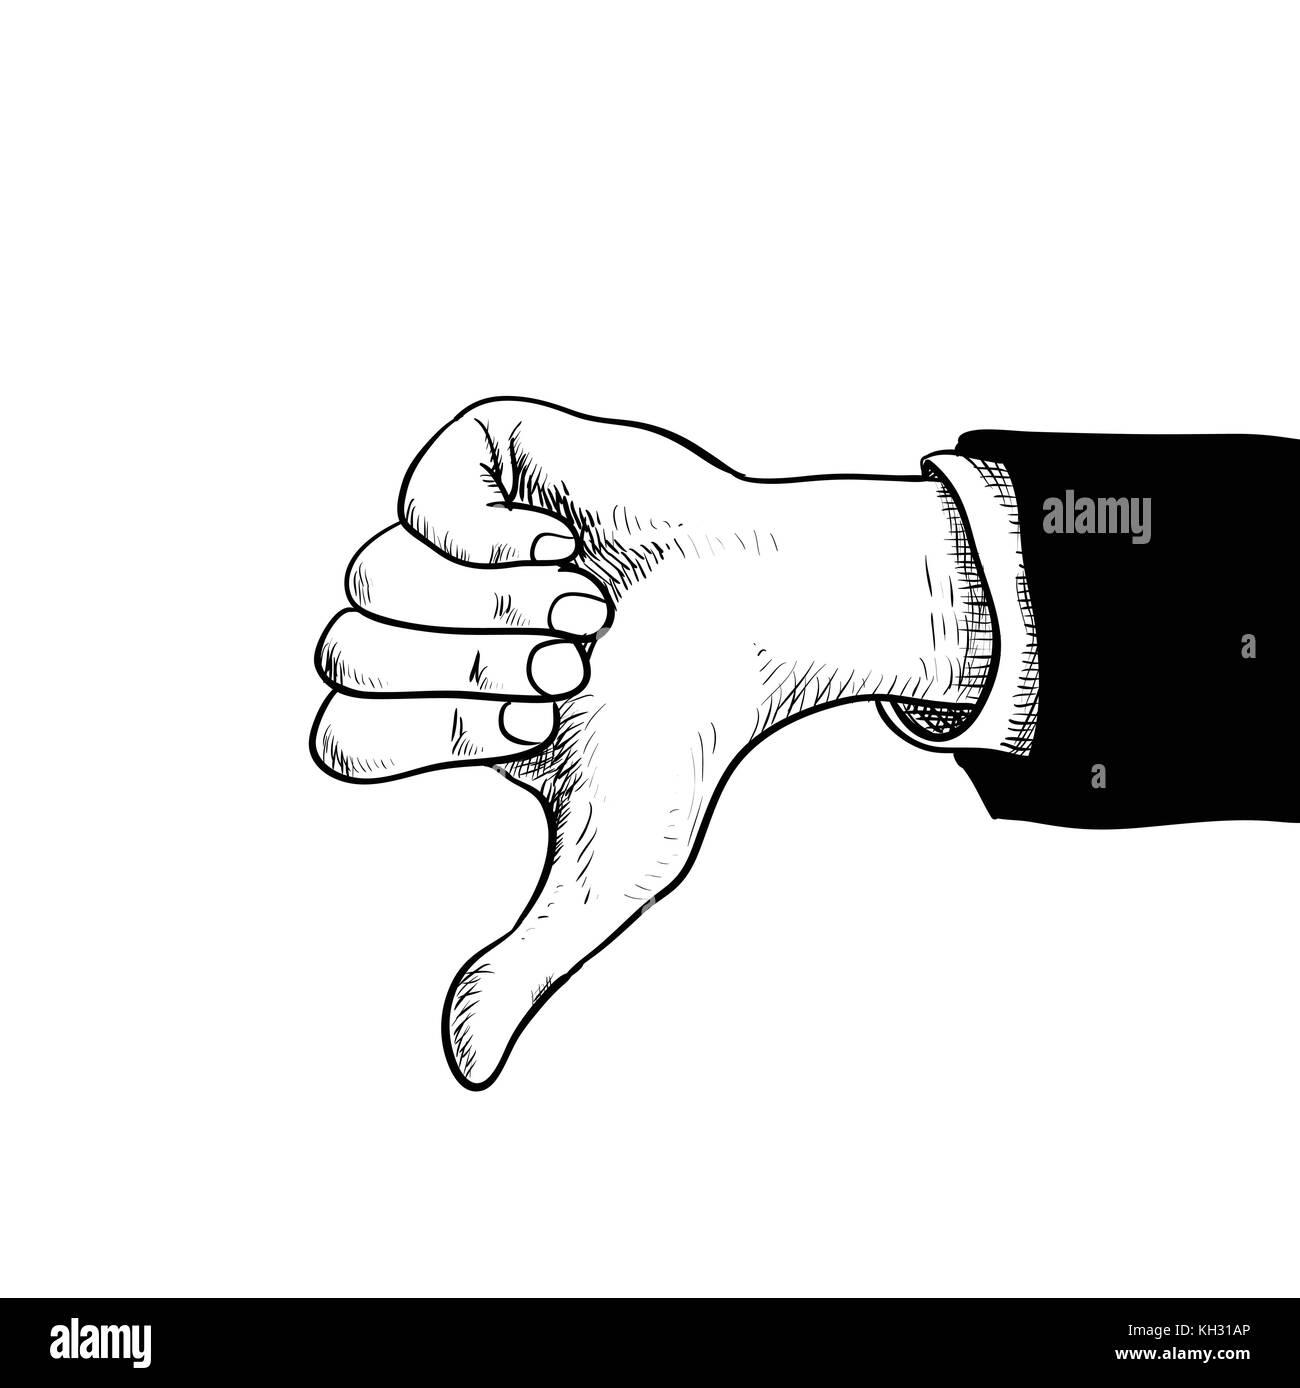 Imprenditore mano pollice in giù, mano nella tuta che mostra il pollice verso il basso, isolato su sfondo bianco Immagini Stock